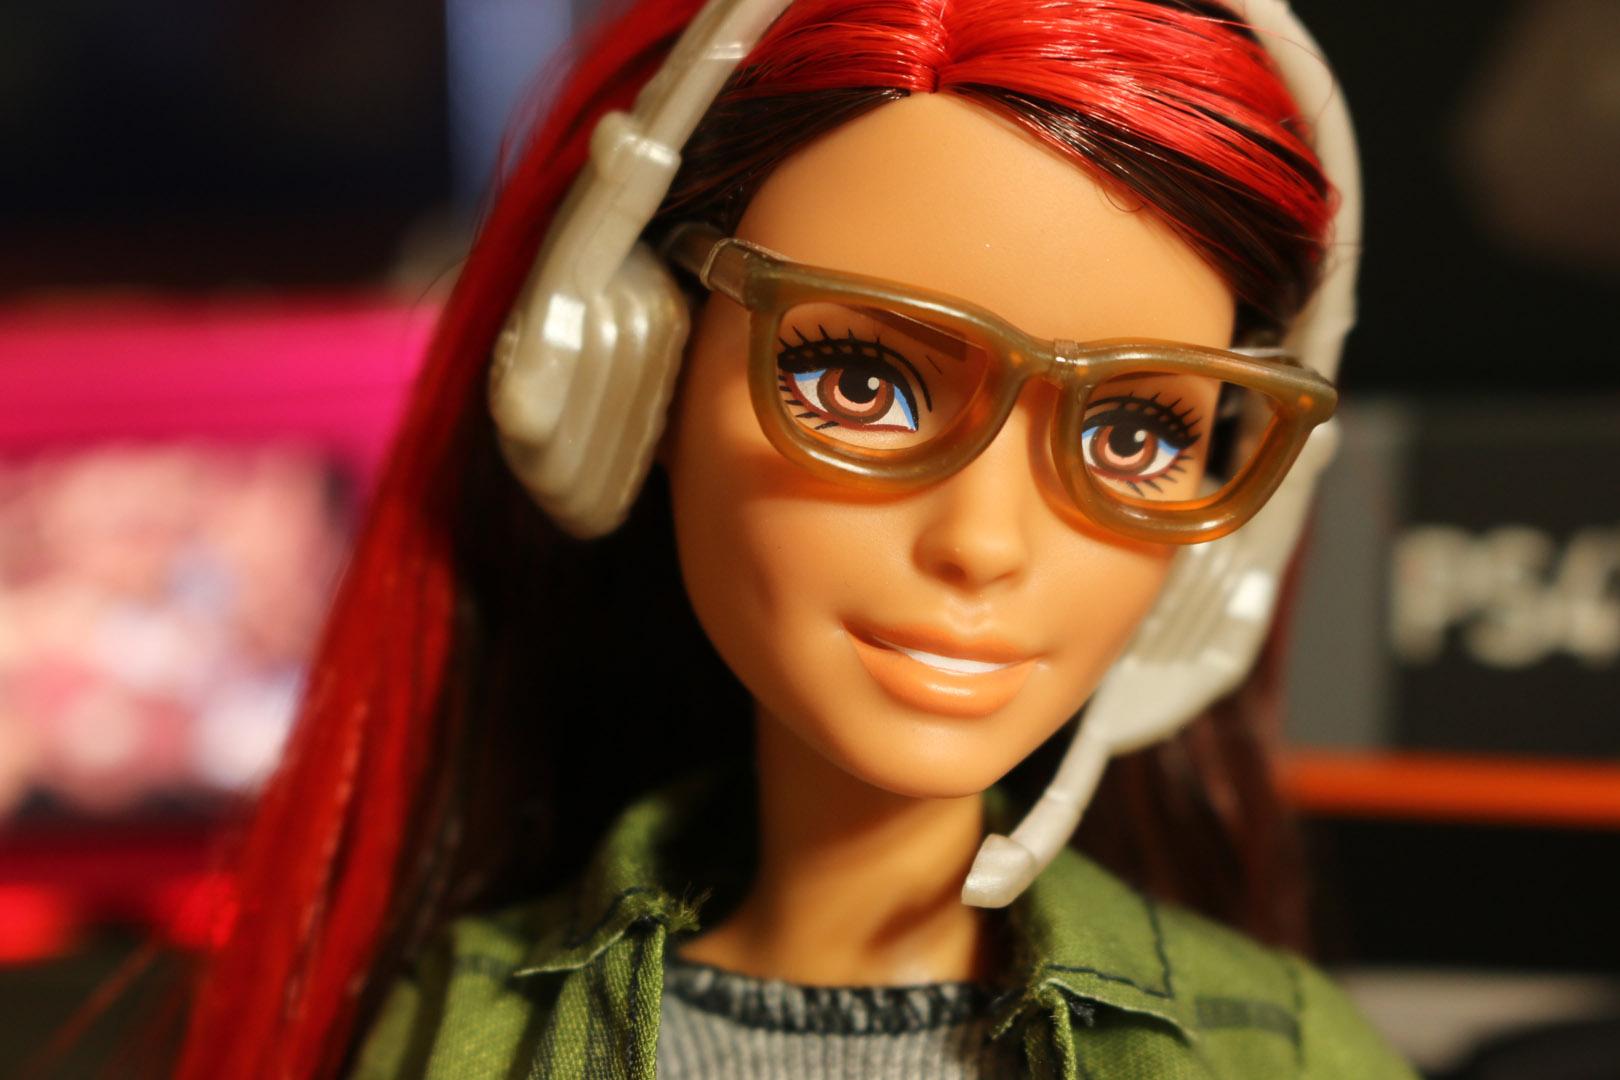 В тренде: Mattel выпустили Барби-разработчицу видеоигр